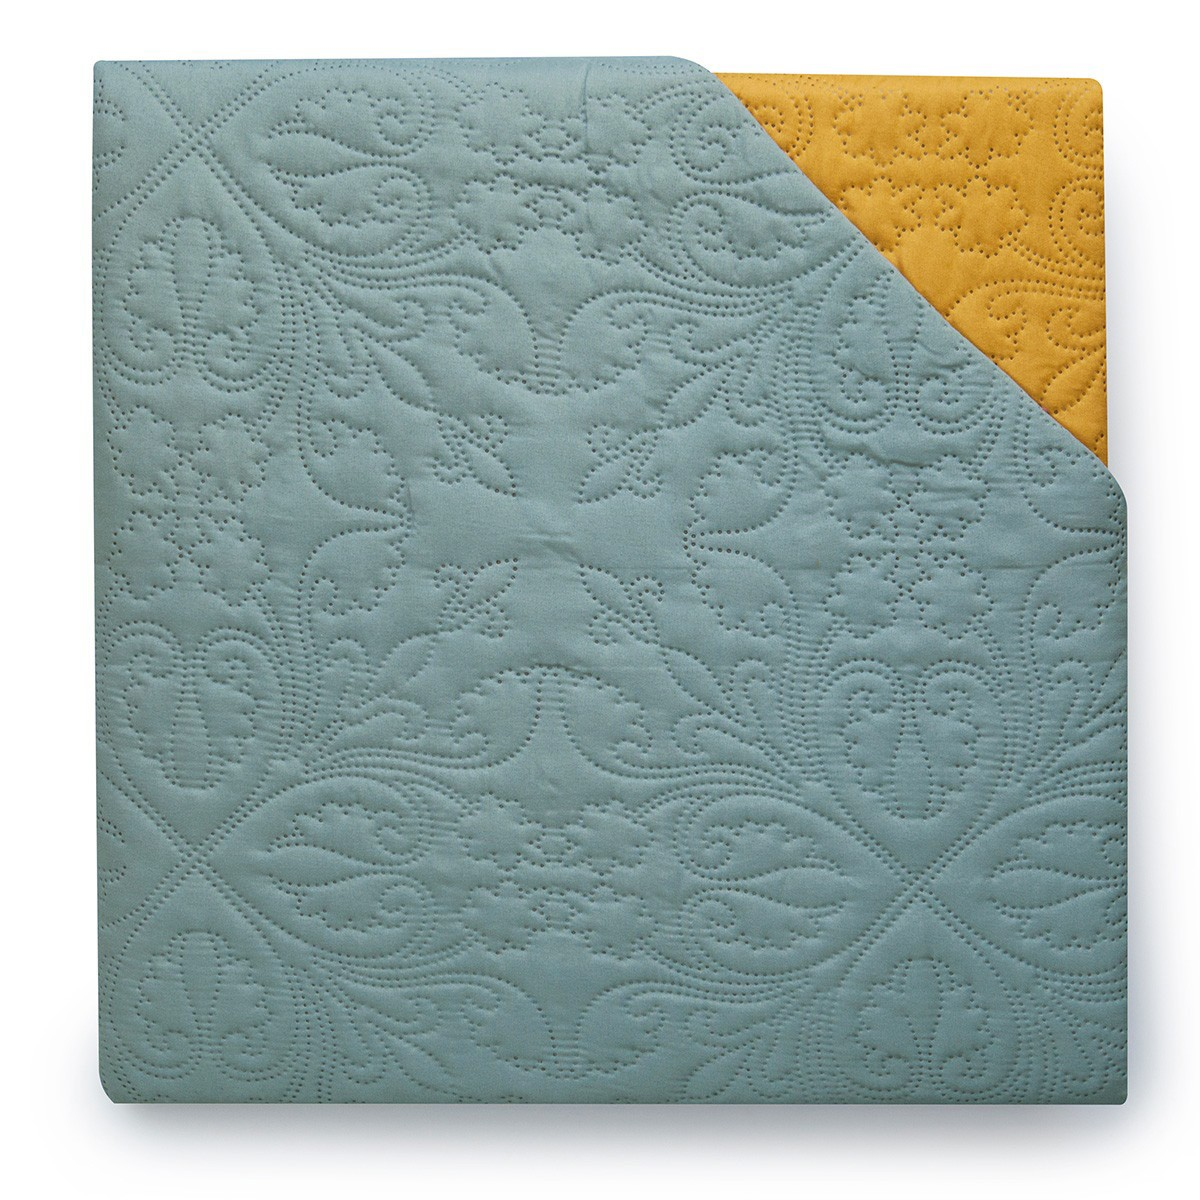 Κουβερλί Υπέρδιπλο Διπλής Όψης Melinen Silver Blue/Mustard 73353